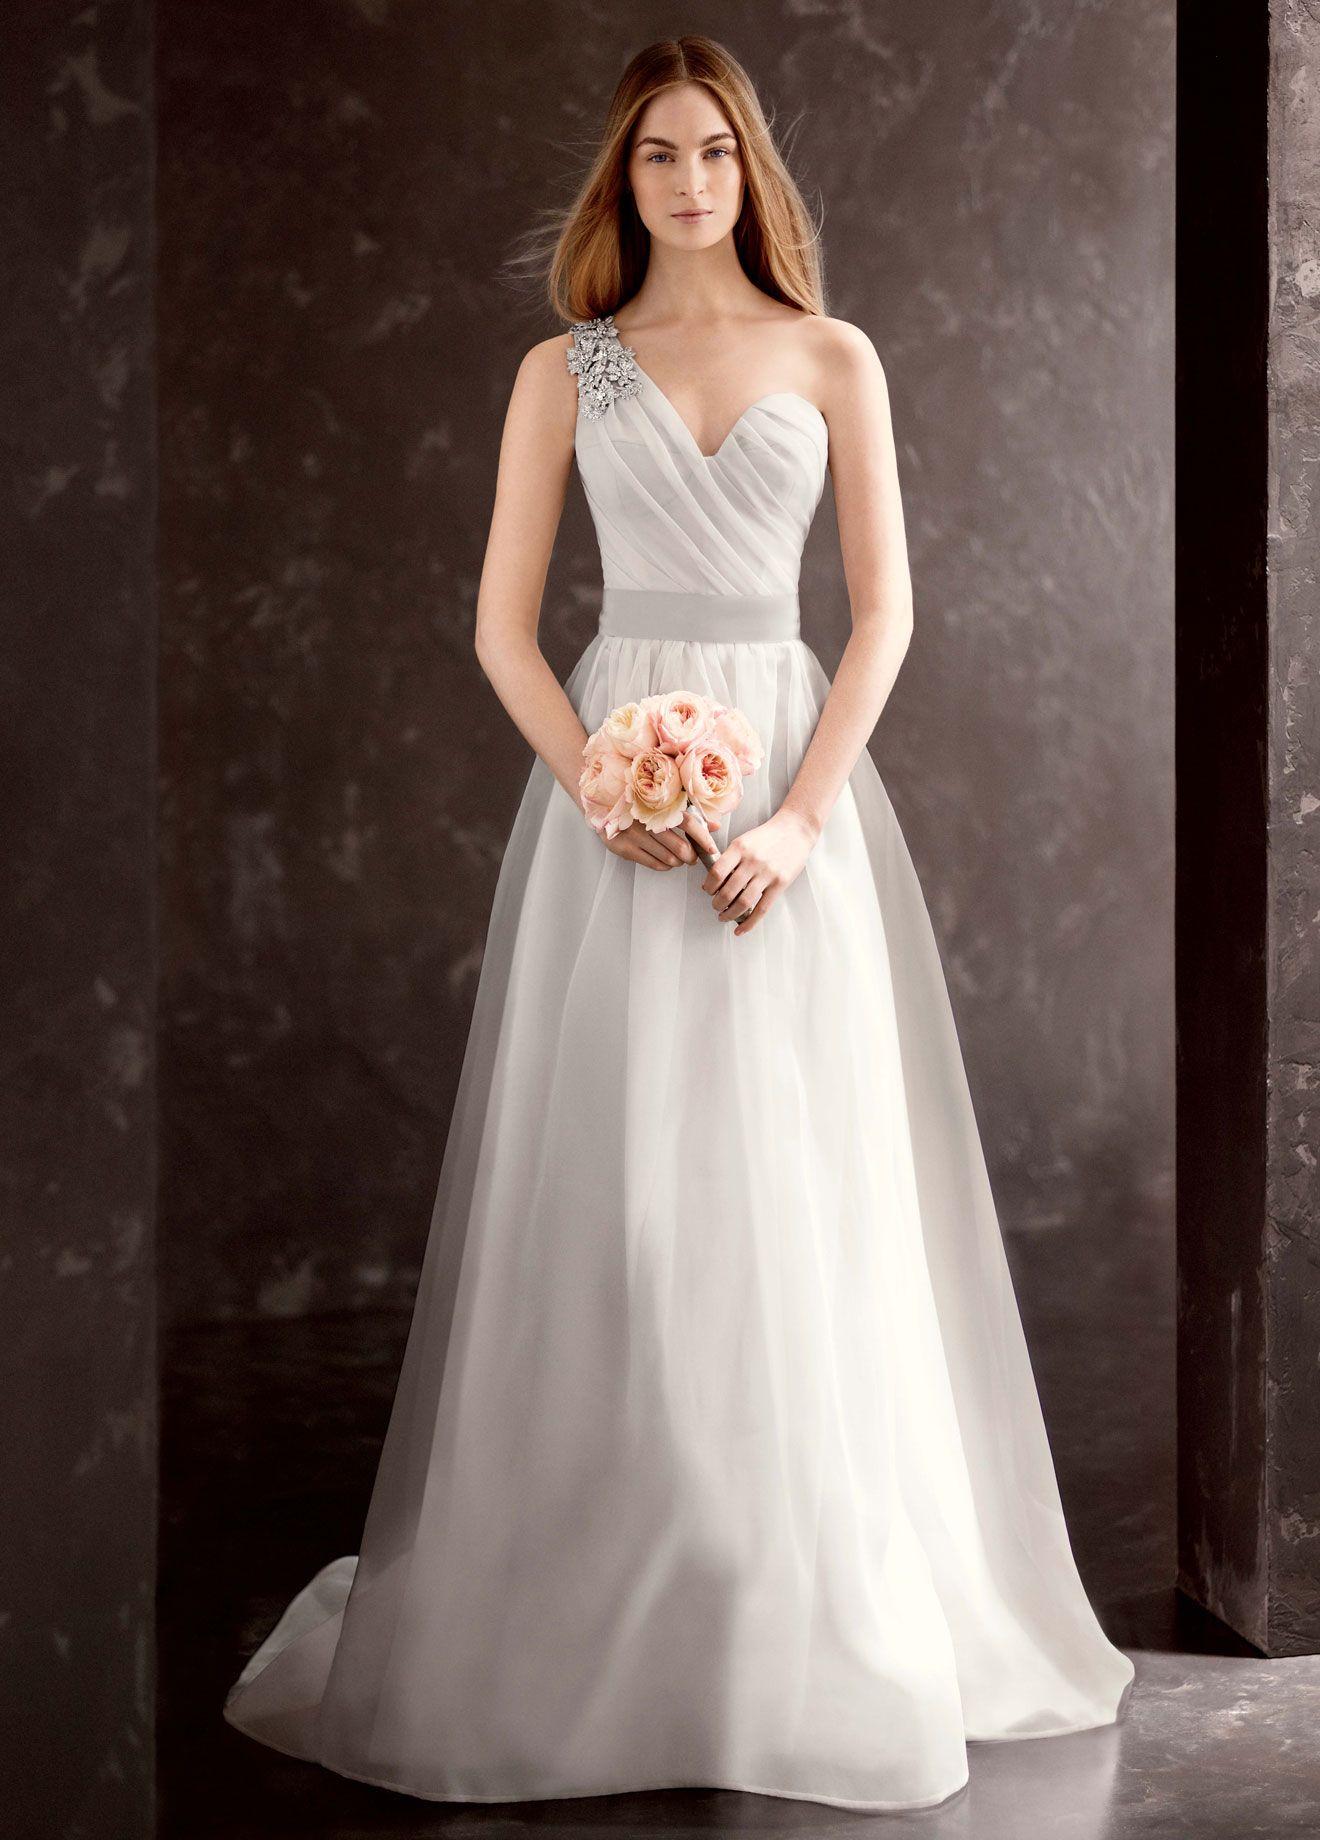 VW 026 Легкое свадебное платье из органзы с лифом на одно плечо, украшенное роскошным украшением из кристаллов Сваровски. Силуэт непышный от талии отлично